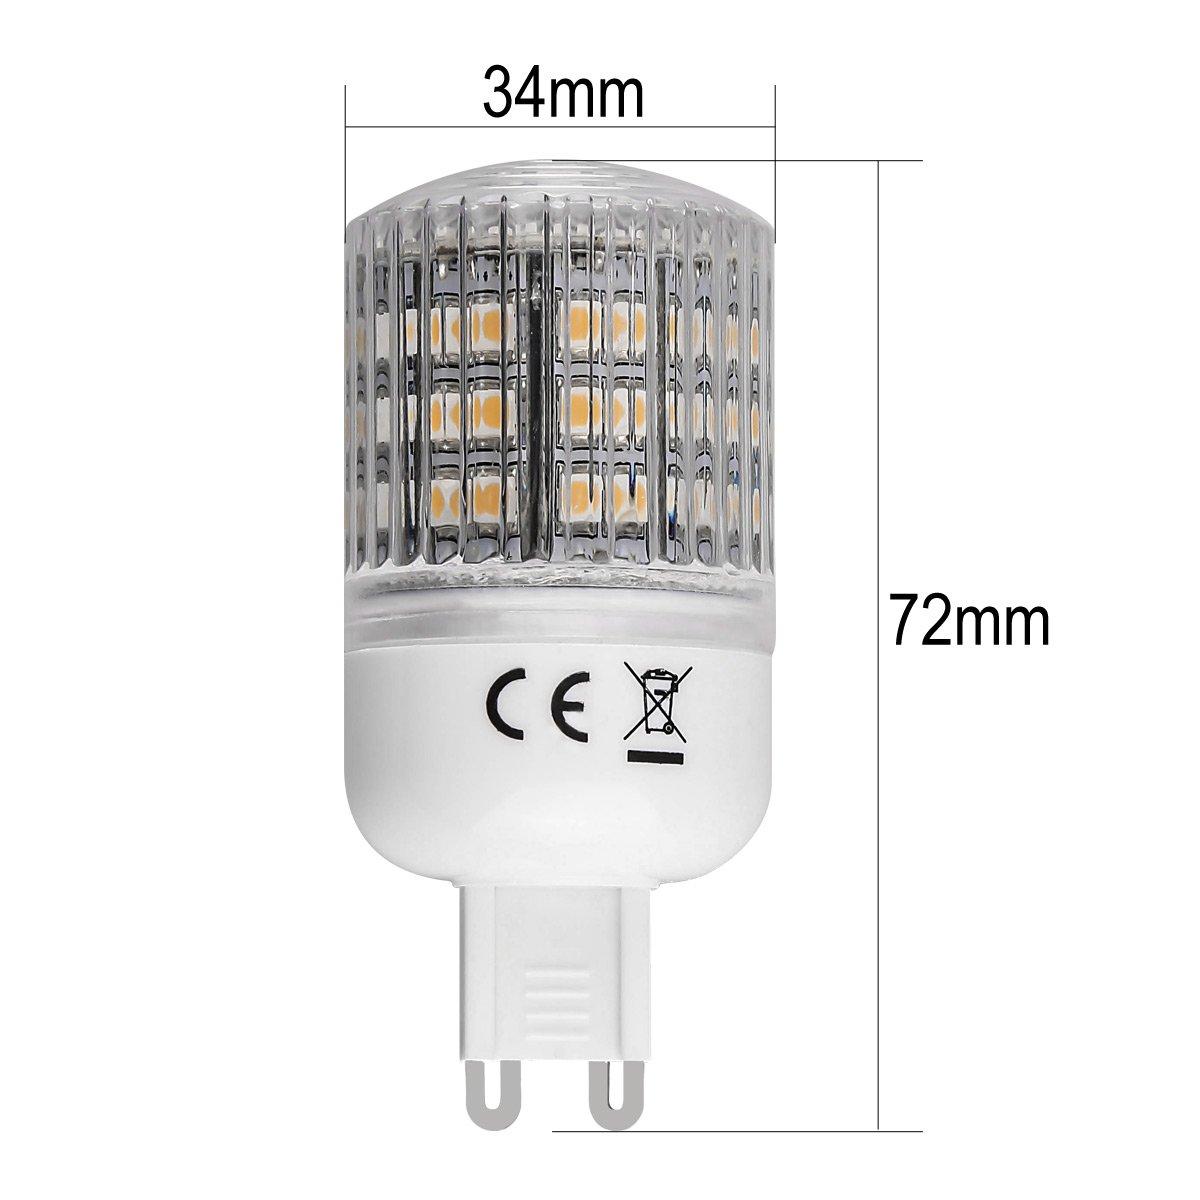 Lighting EVER® Bombilla LED G9, Equivalente a una Bombilla Halógena de 30W, Blanco Cálido: Amazon.es: Electrónica